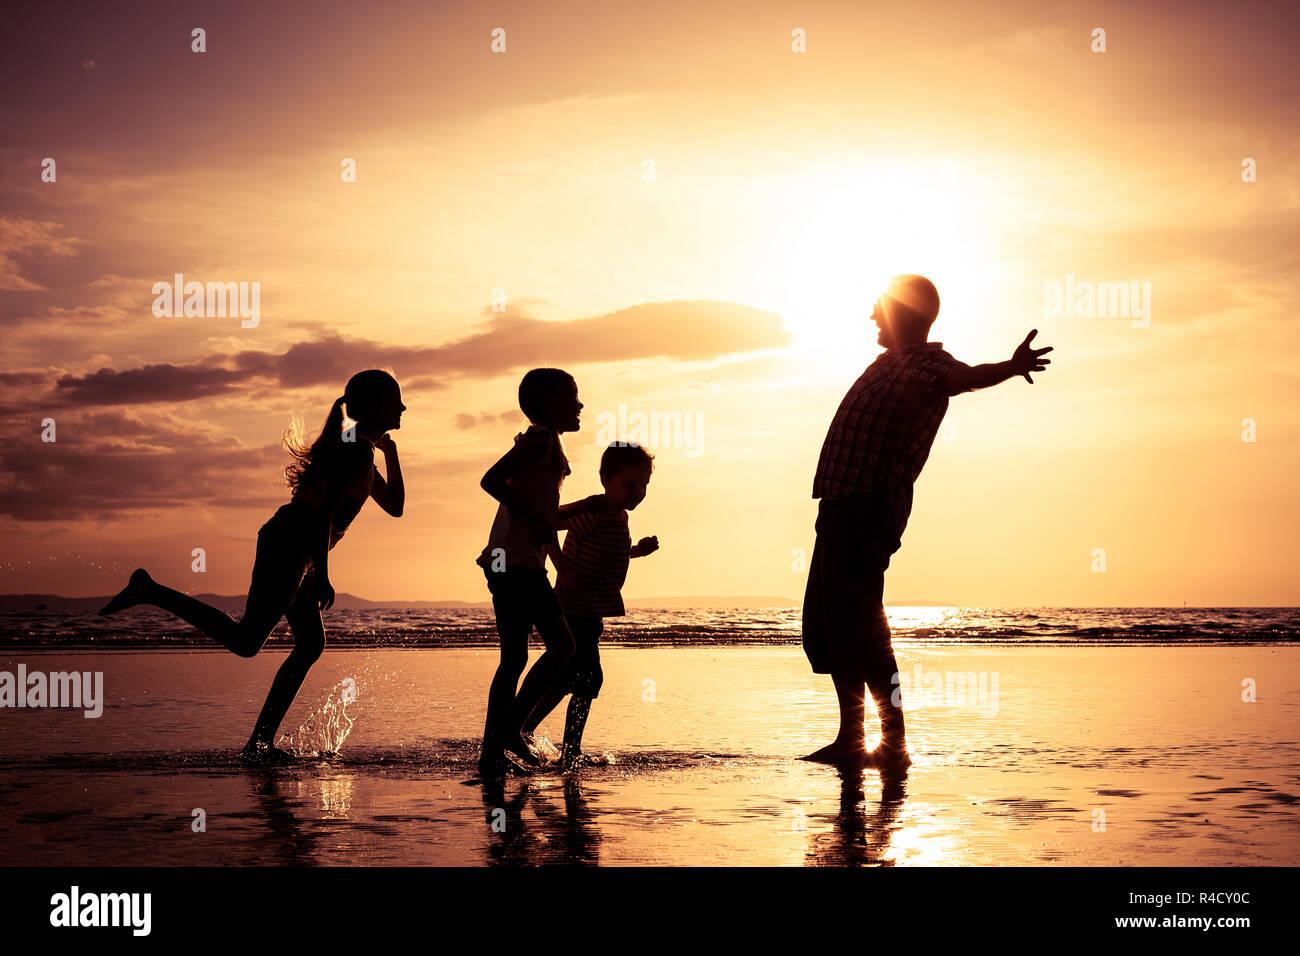 Padre e figli giocando sulla spiaggia al tramonto. Foto Stock